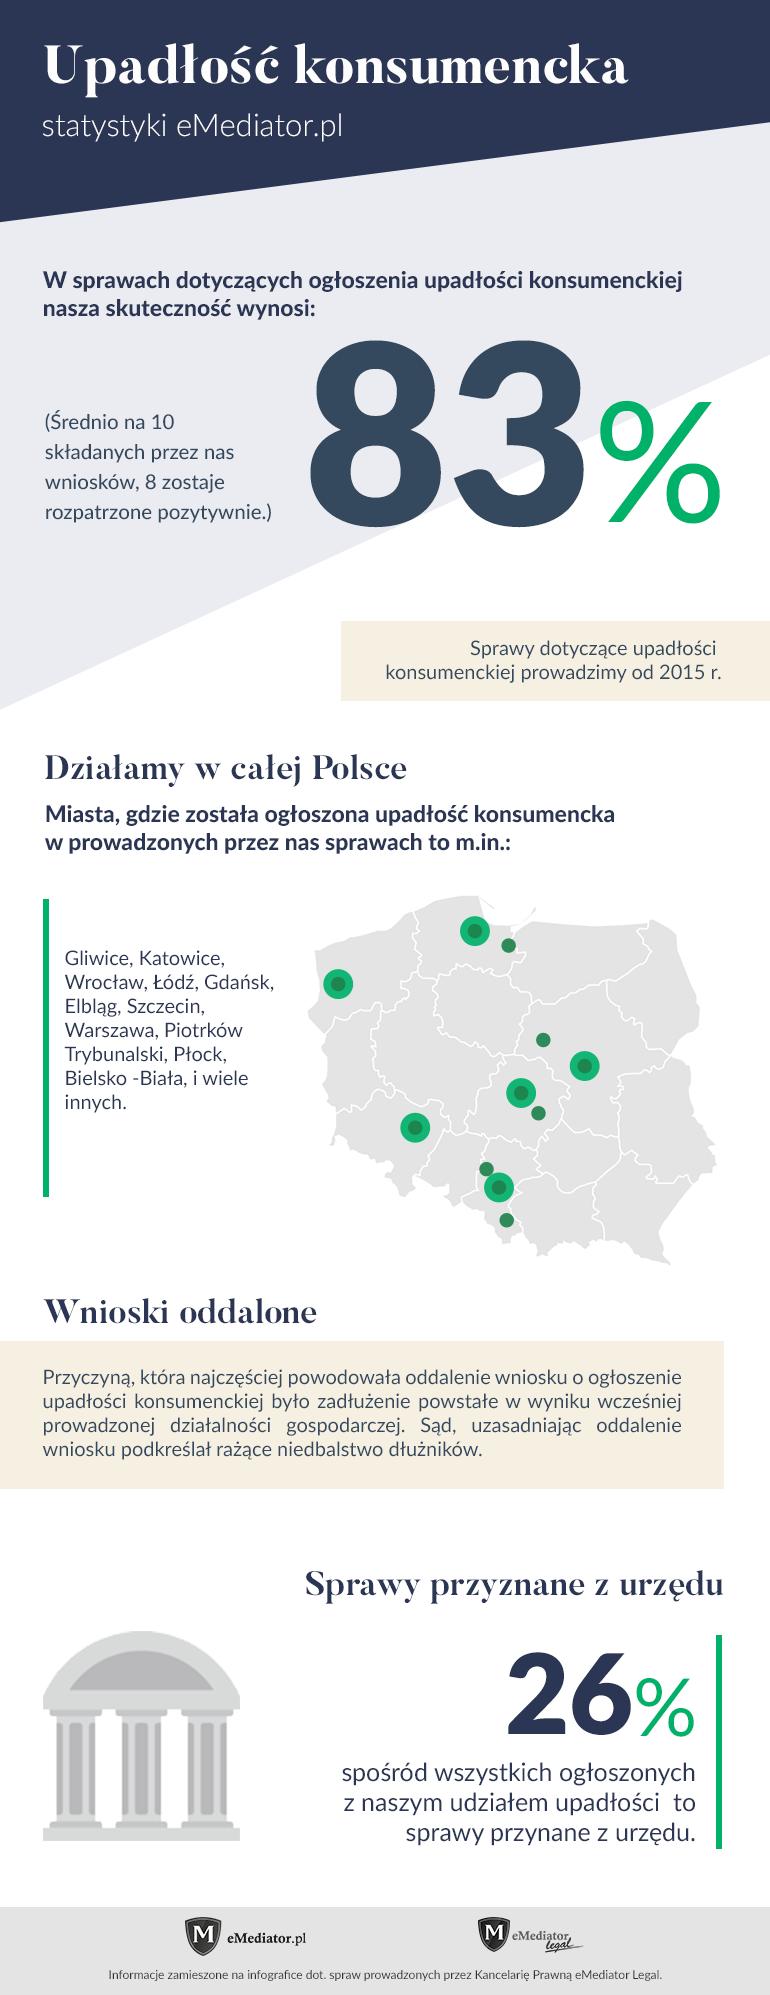 Upadłość konsumencka skuteczność eMediator.pl